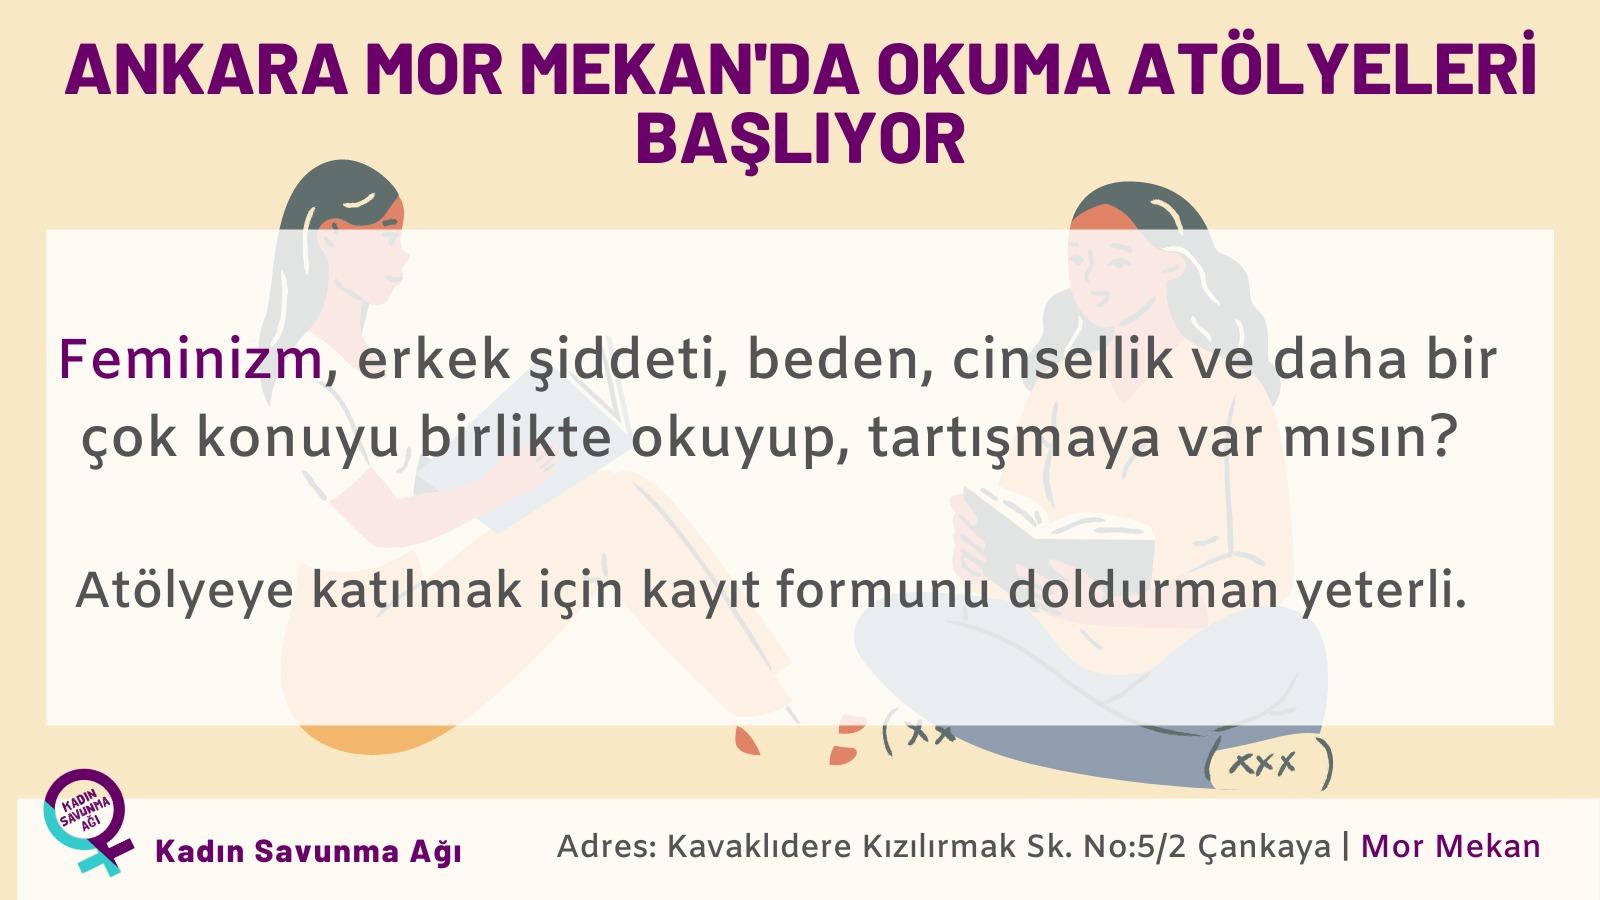 Ankara Mor Mekan'da okuma atölyeleri başlıyor